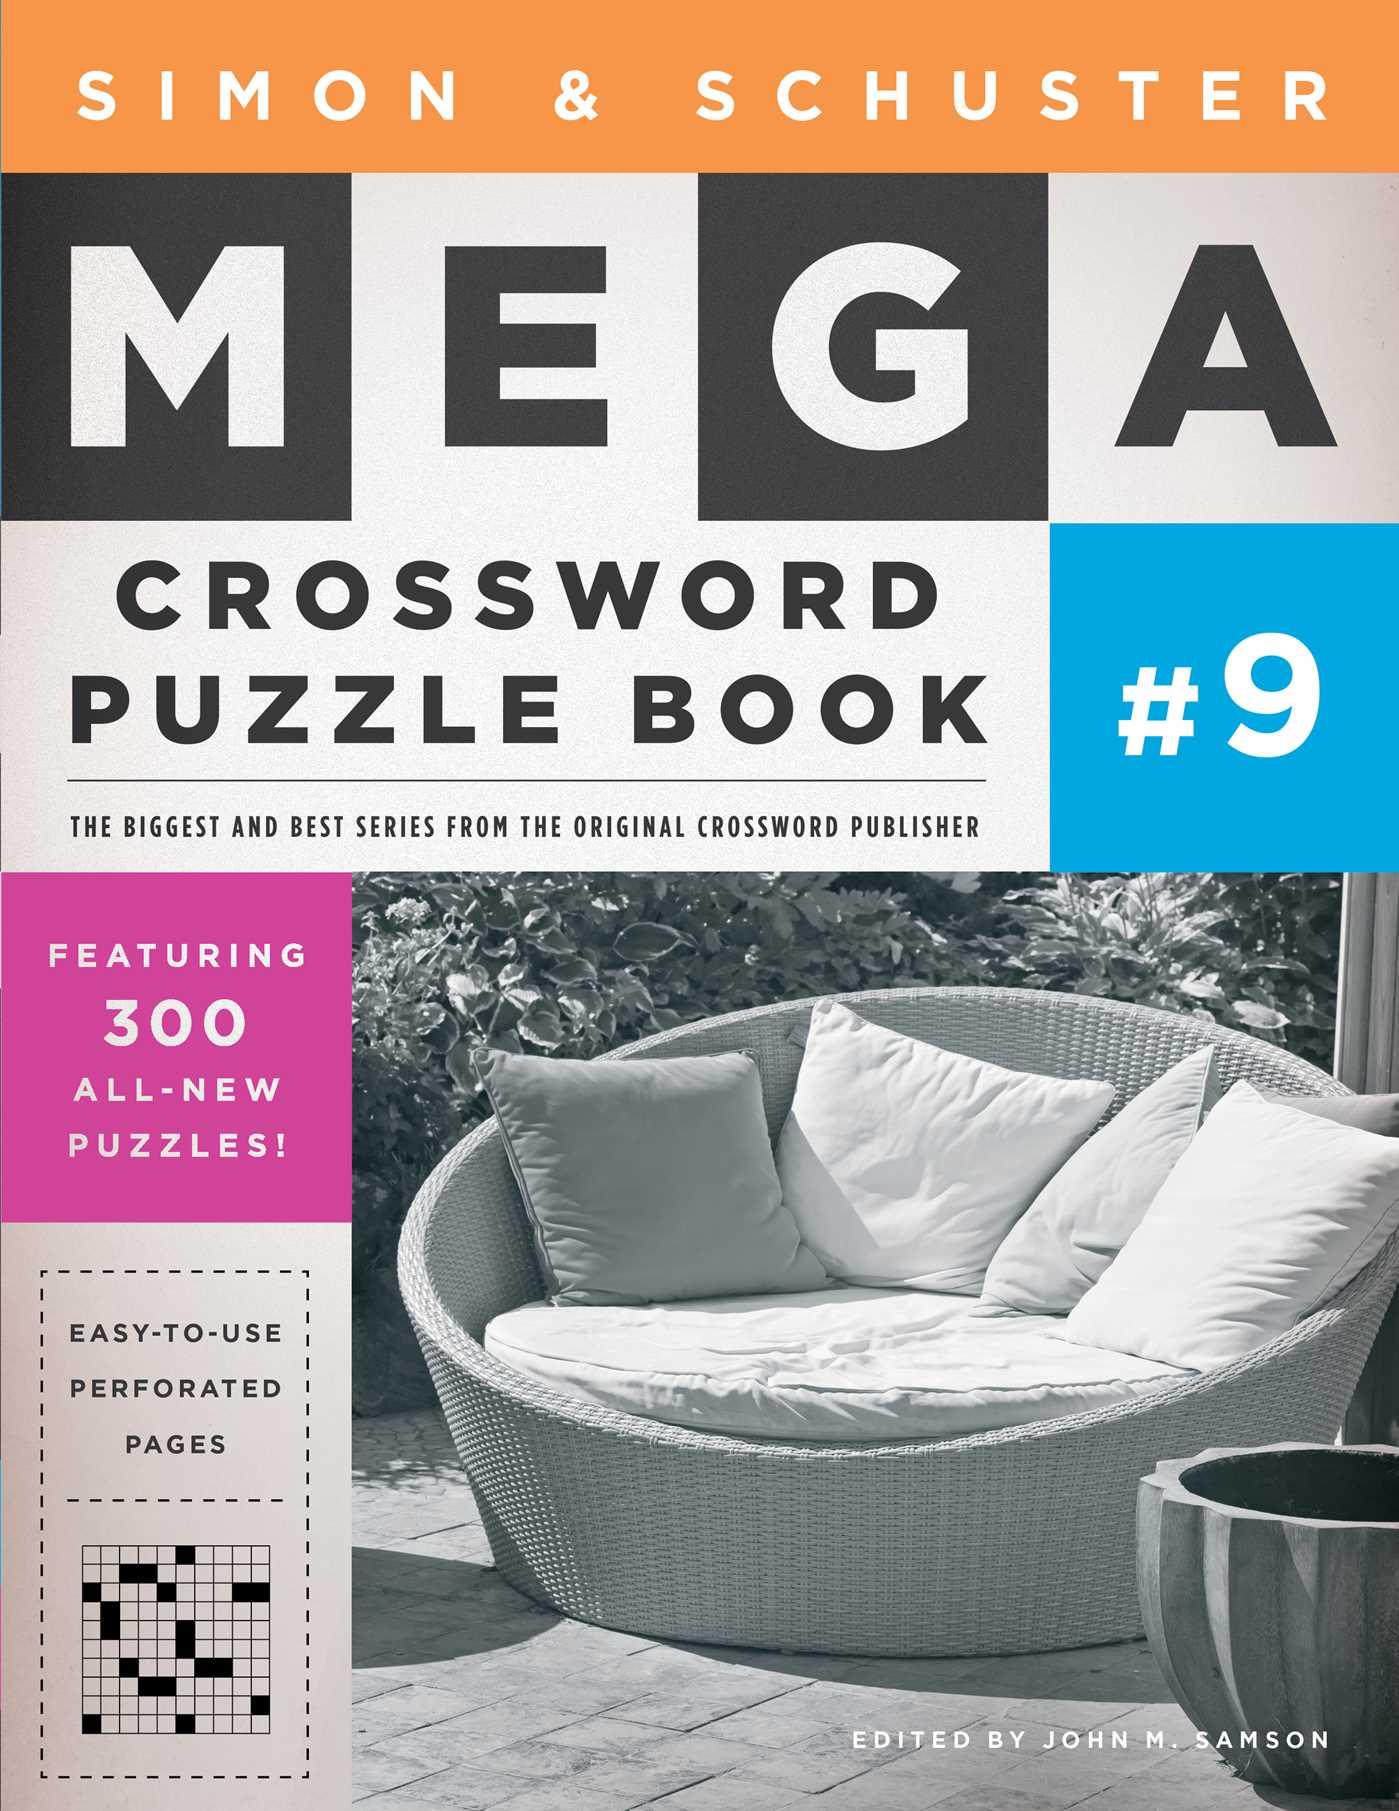 Simon schuster mega crossword puzzle book 9 9781439158104 hr